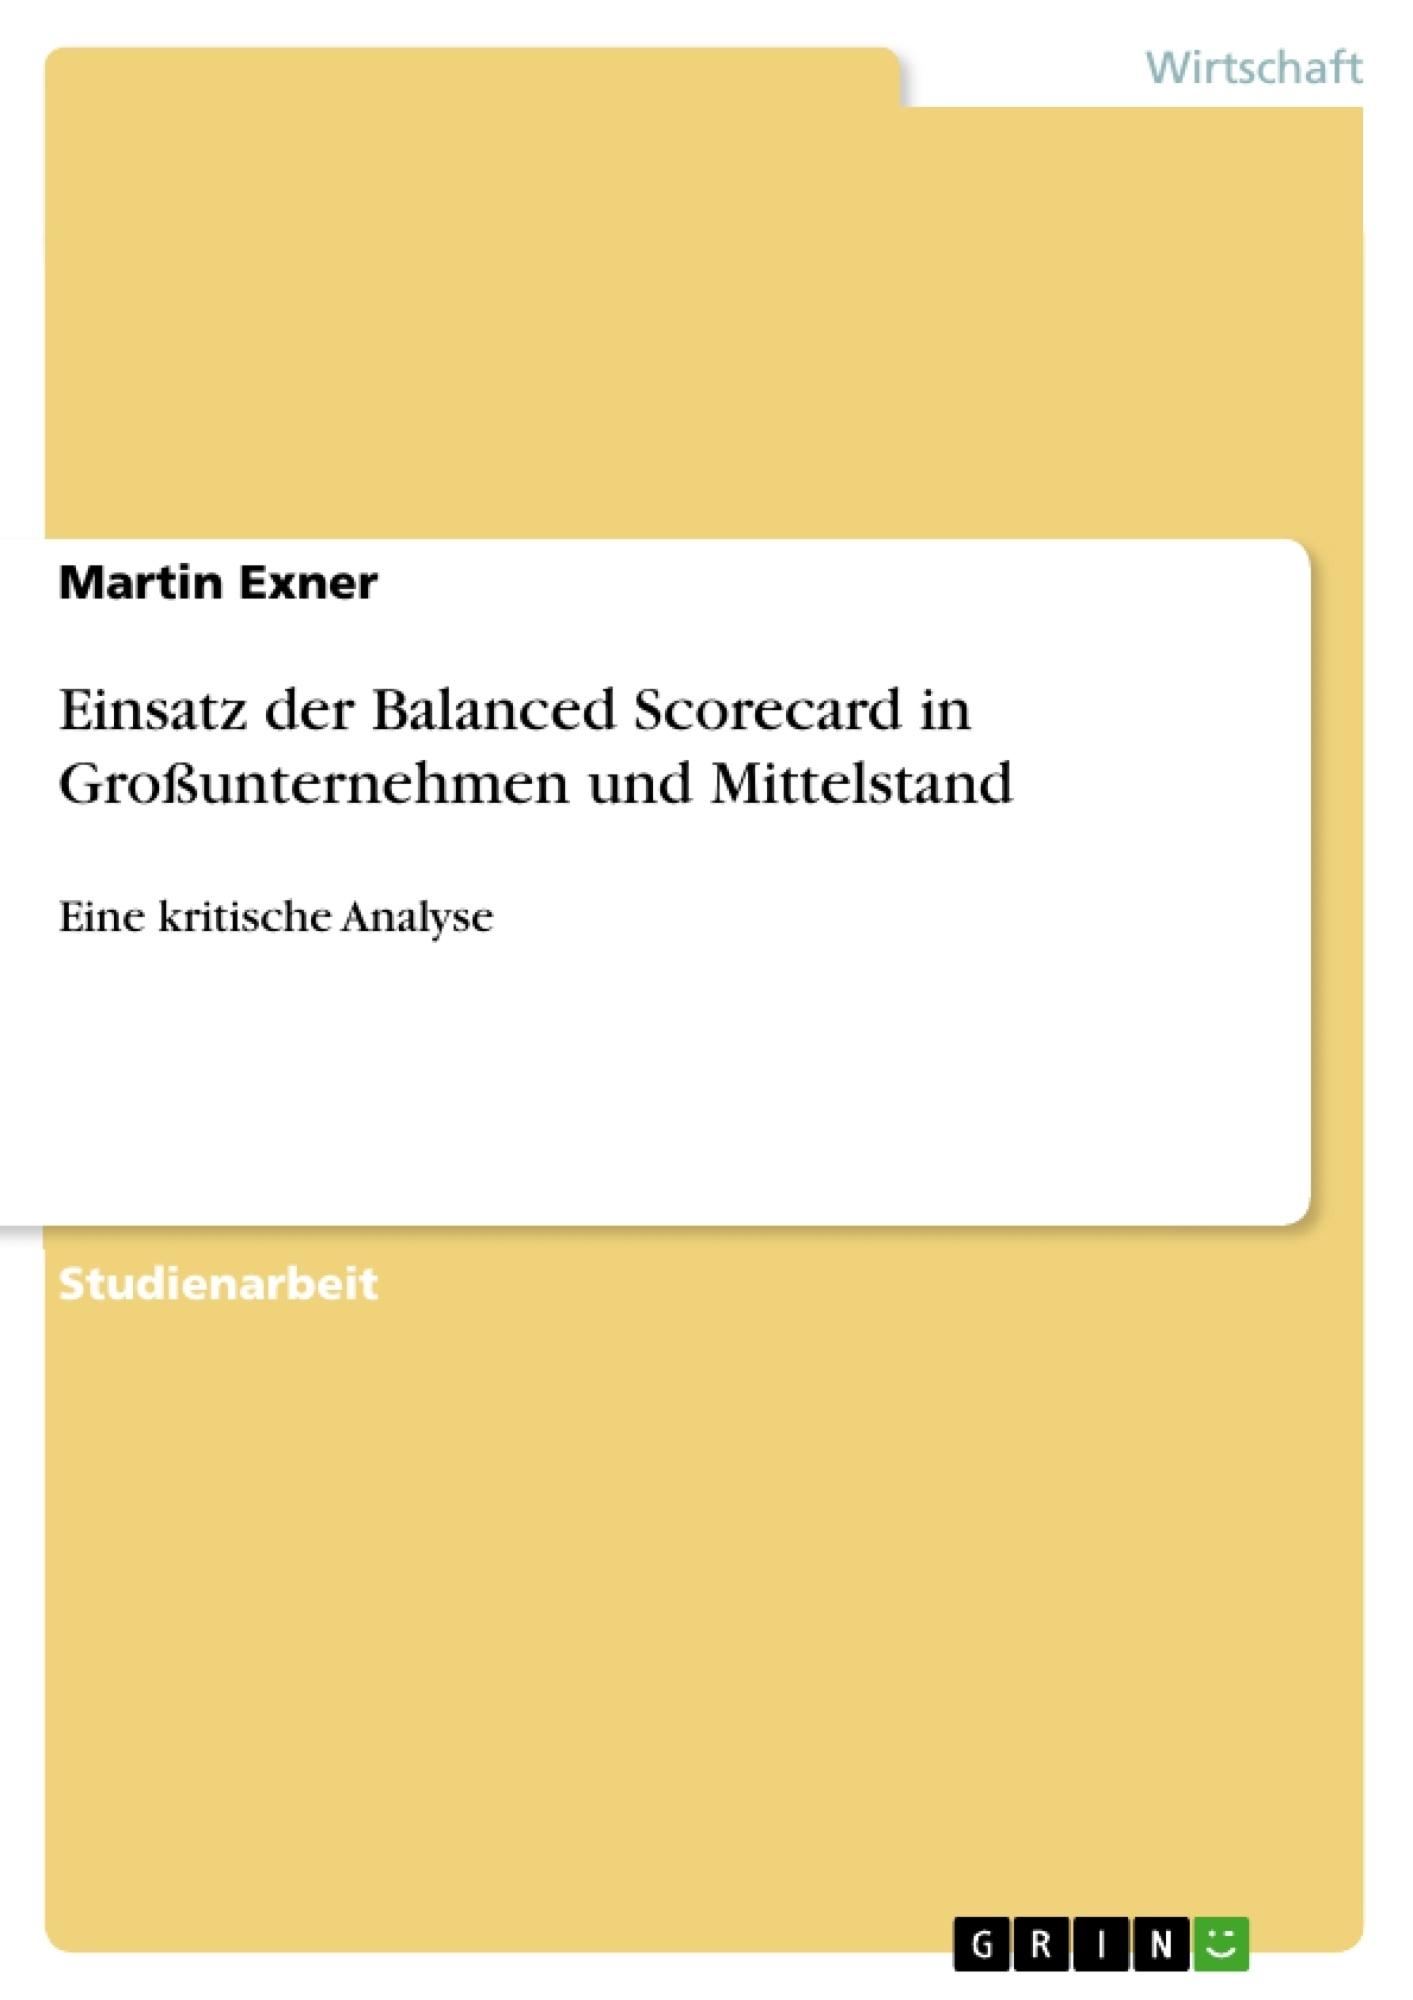 Titel: Einsatz der Balanced Scorecard in Großunternehmen und Mittelstand